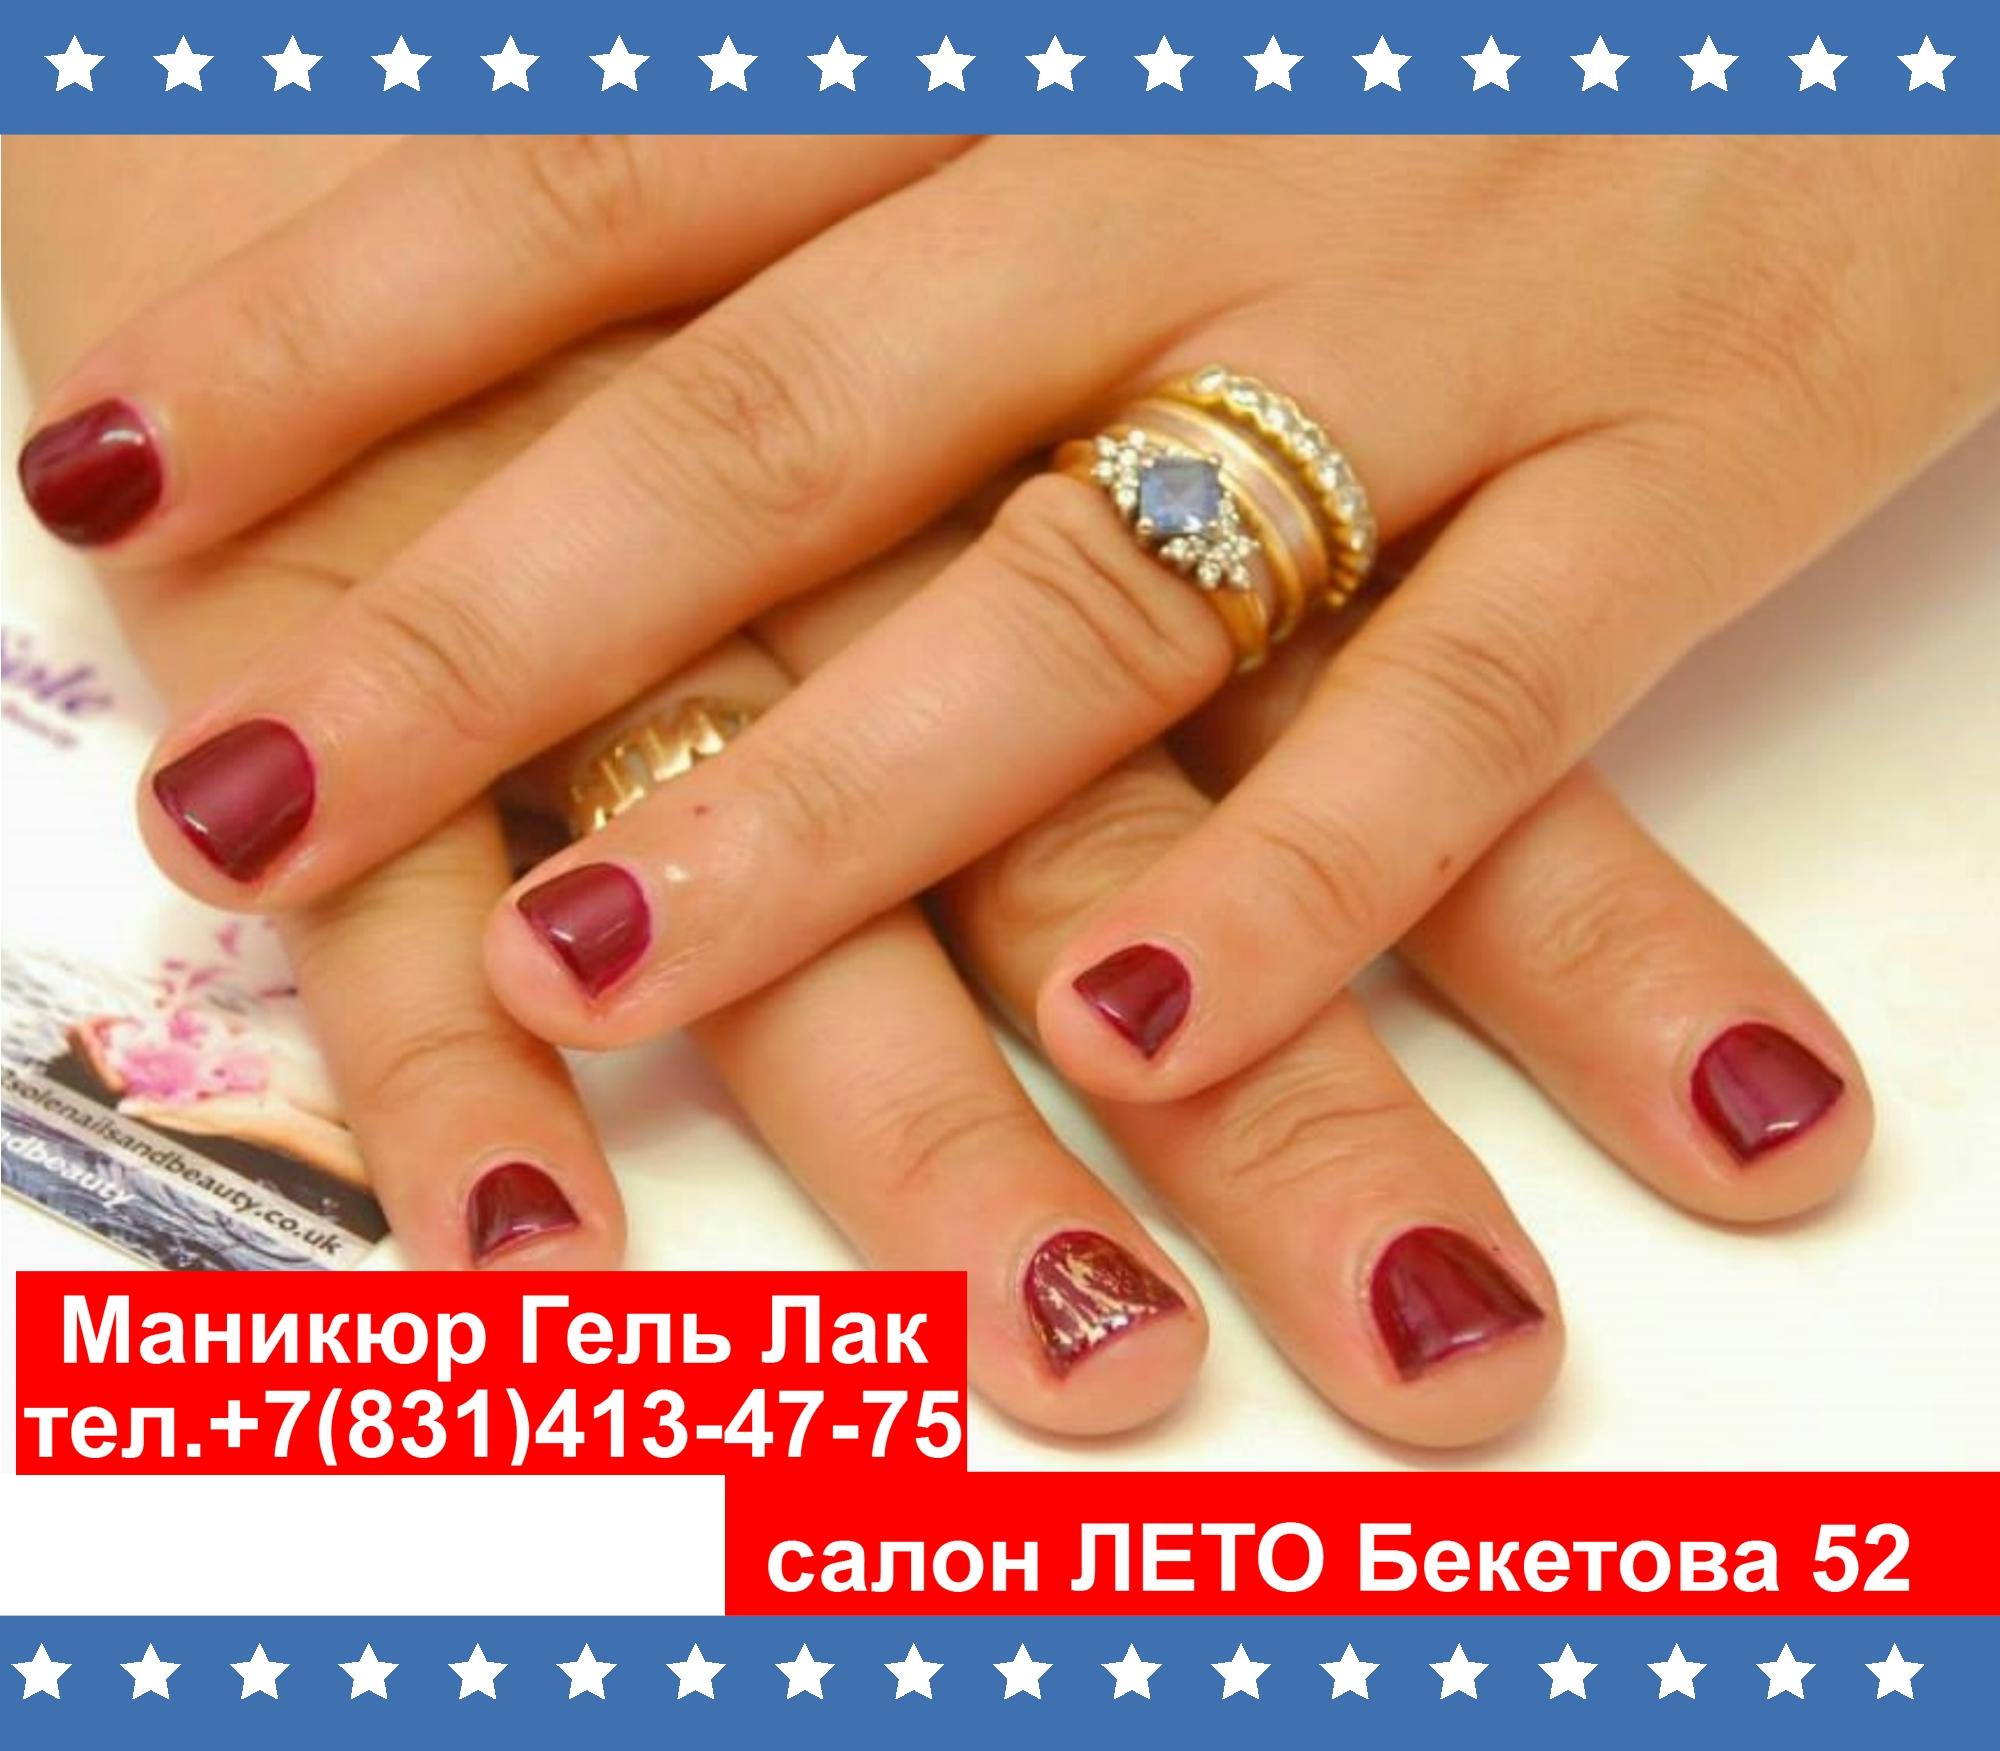 Гель лак для ногтей купить в нижнем новгороде